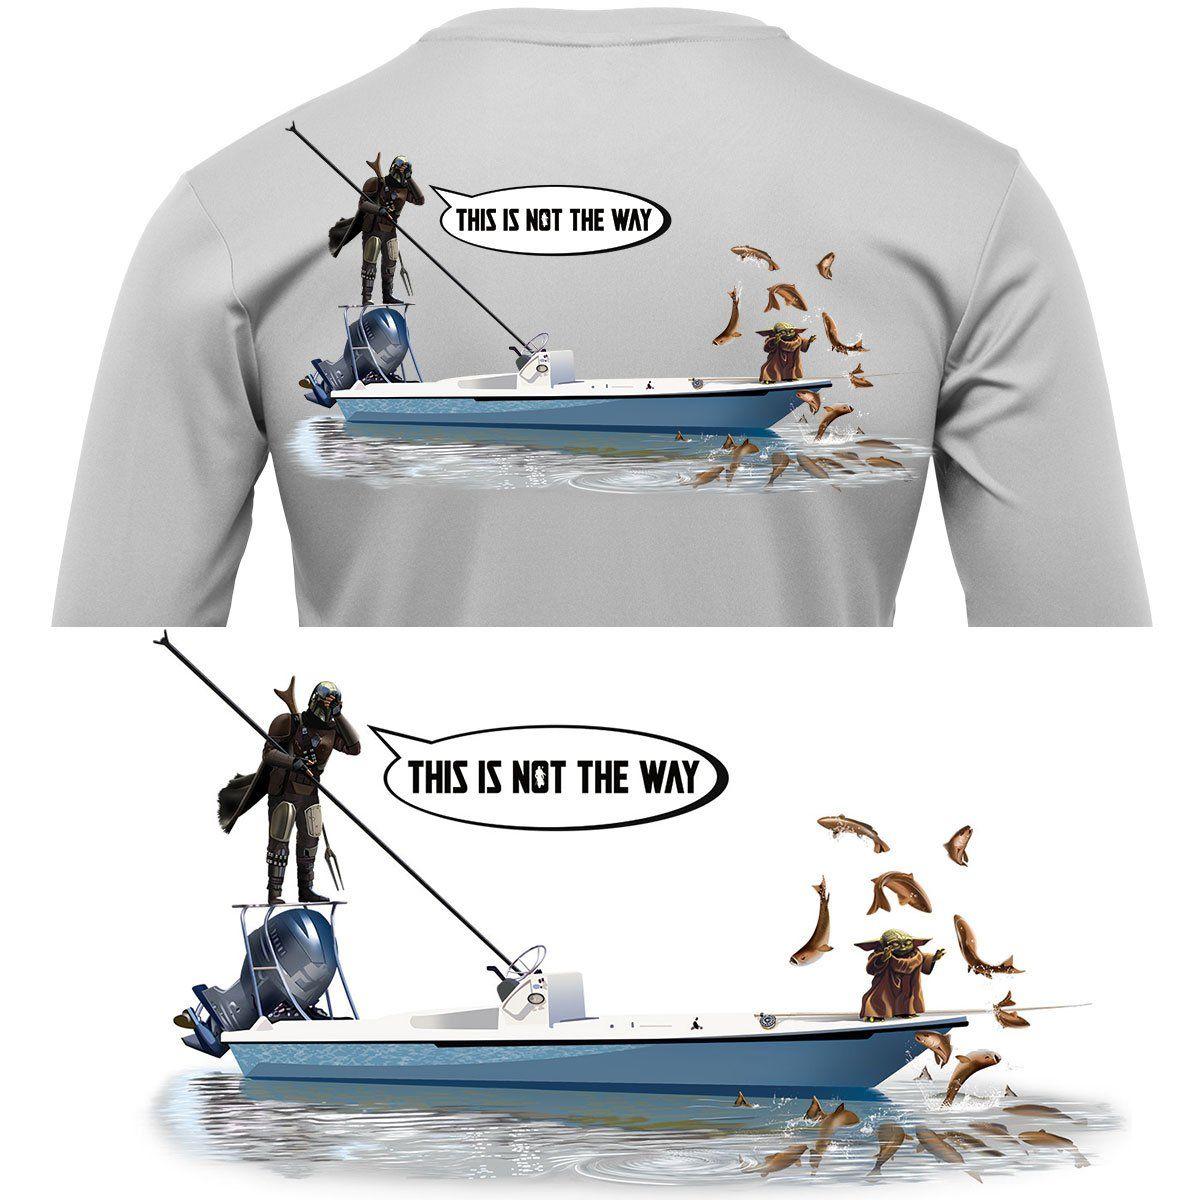 Mandalorian Baby Yoda Fishing Shirt Poling Skiff In 2021 Fishing Shirts Fishing Outfits Workout Shirts